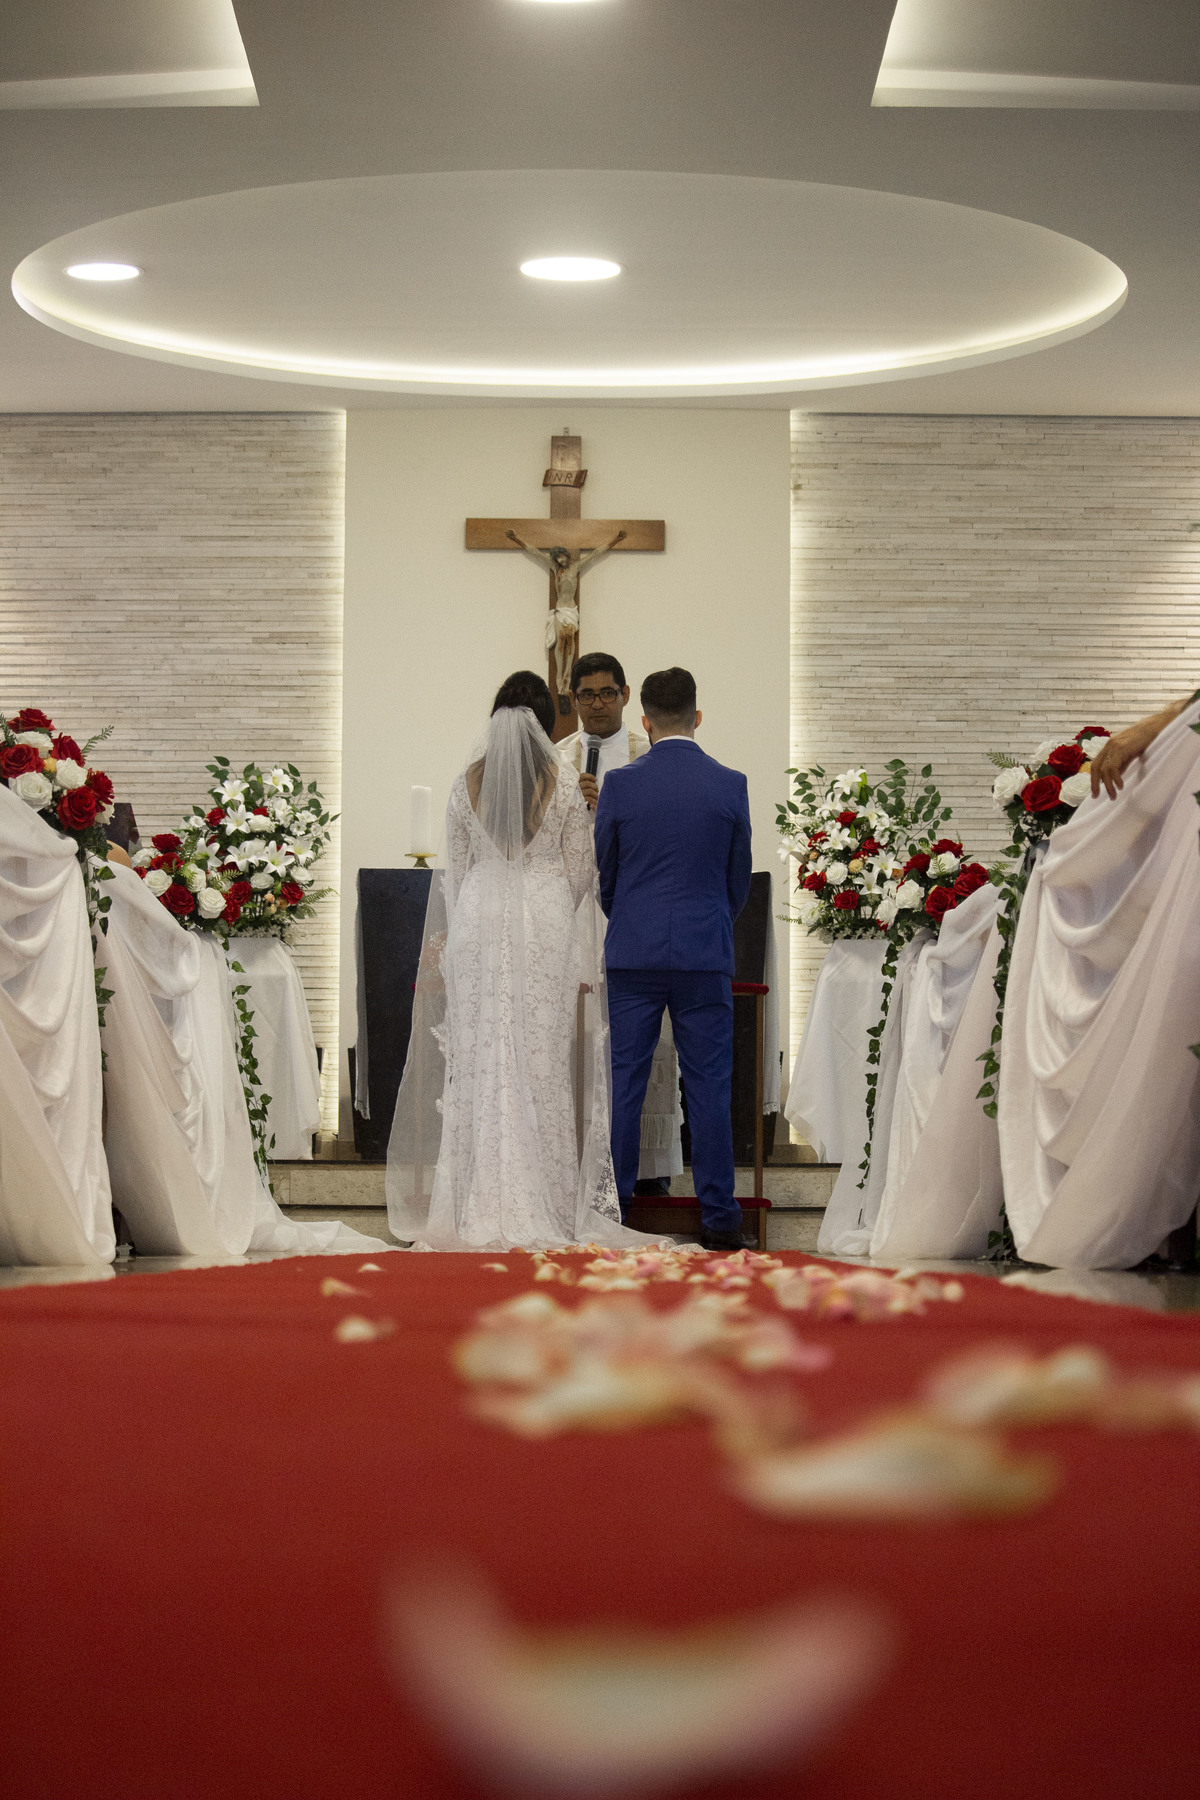 Casamento Bruno e Thalia na capela decorada